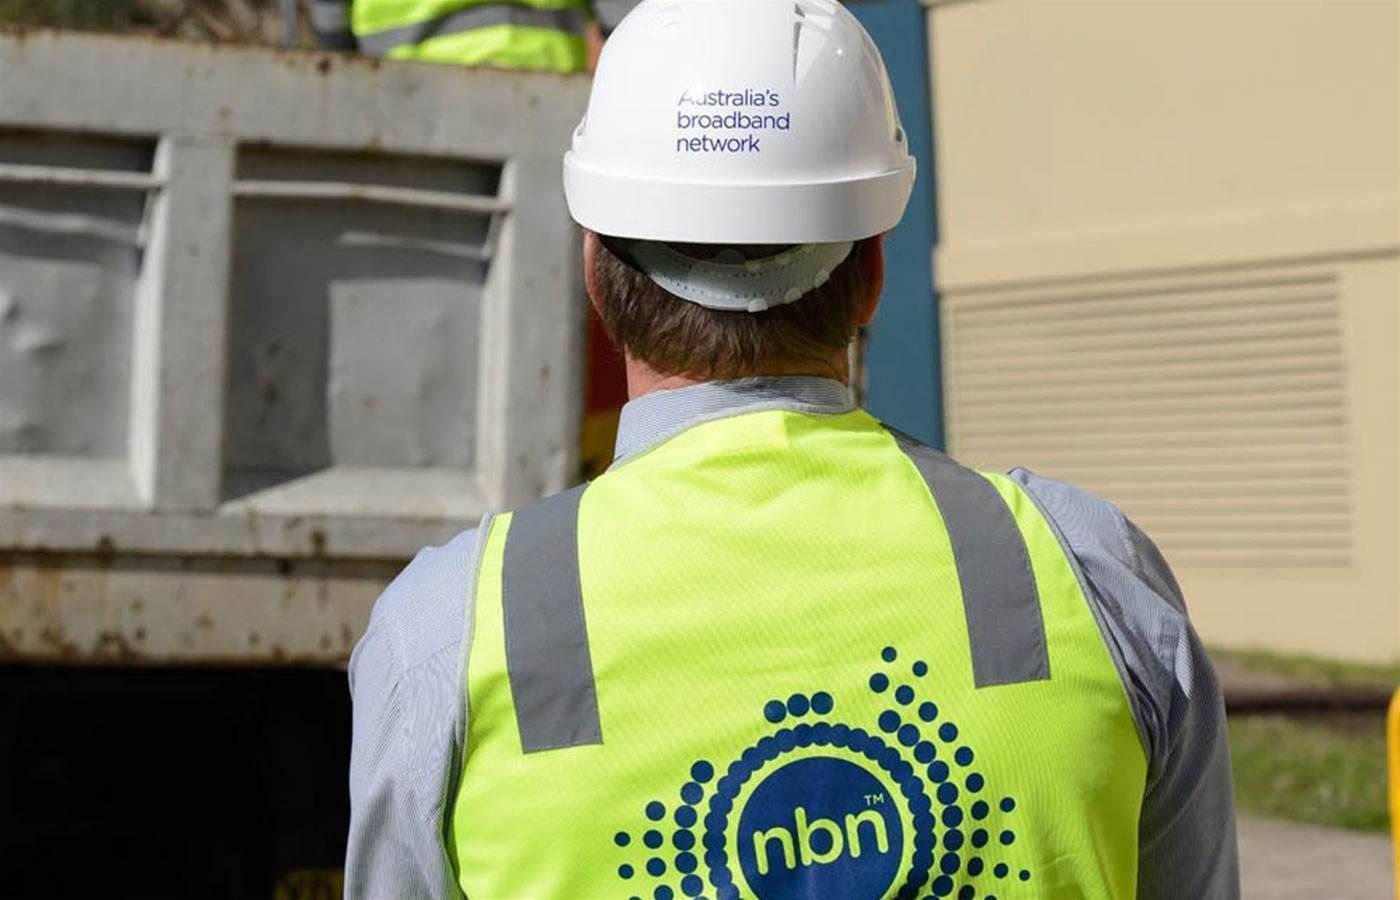 NBN Co sheds light on its ICT partner program